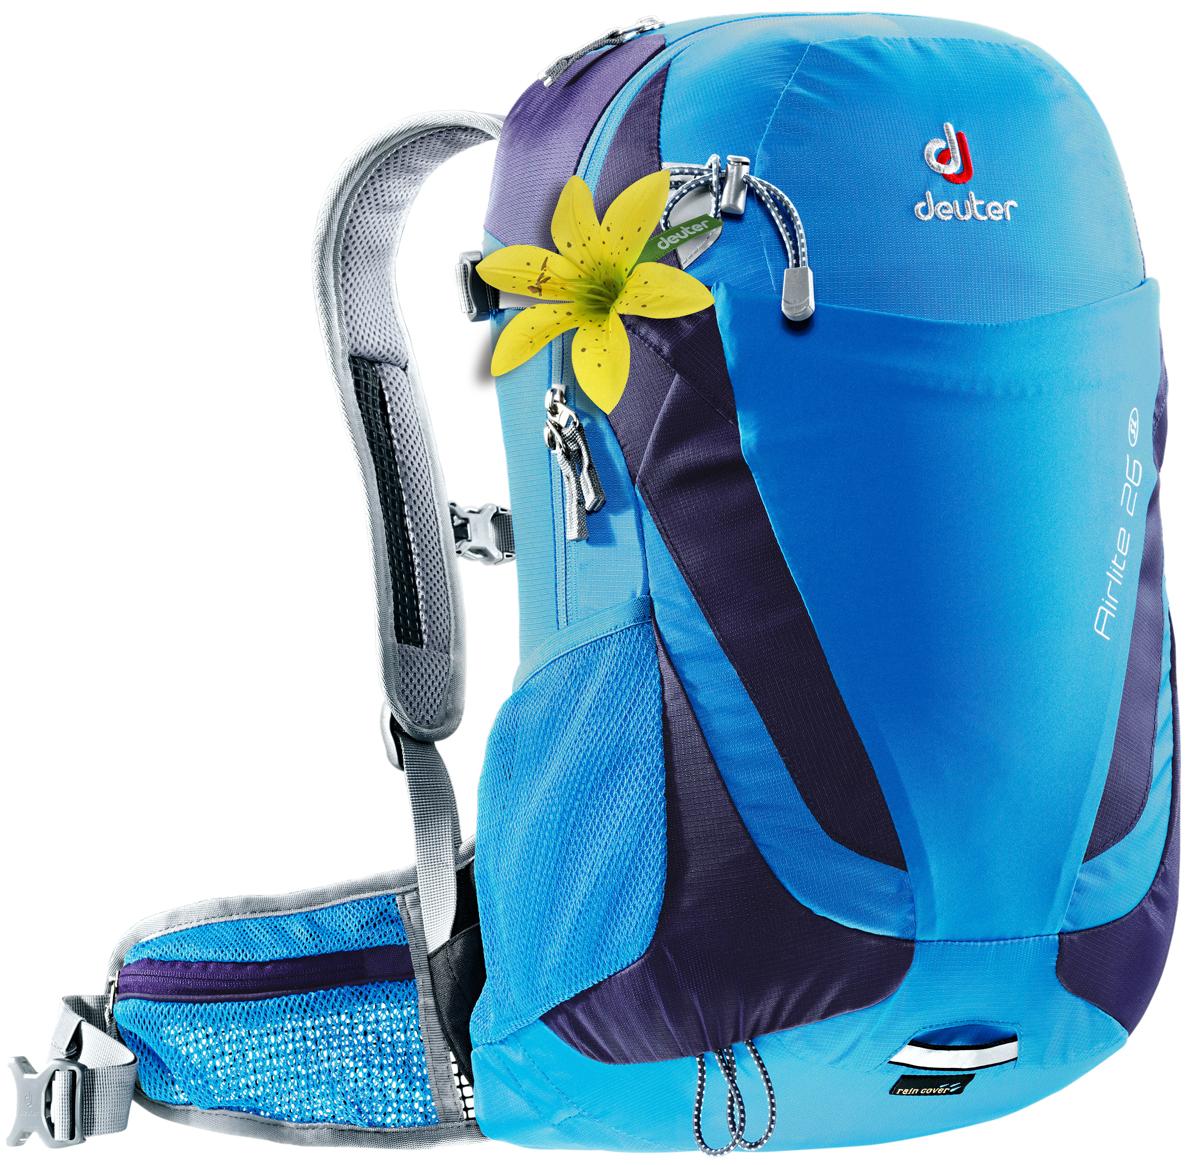 Рюкзак туристический Deuter Airlite, цвет: голубой, 26 л рюкзак deuter deuter snowtour 26 темно серый 26л